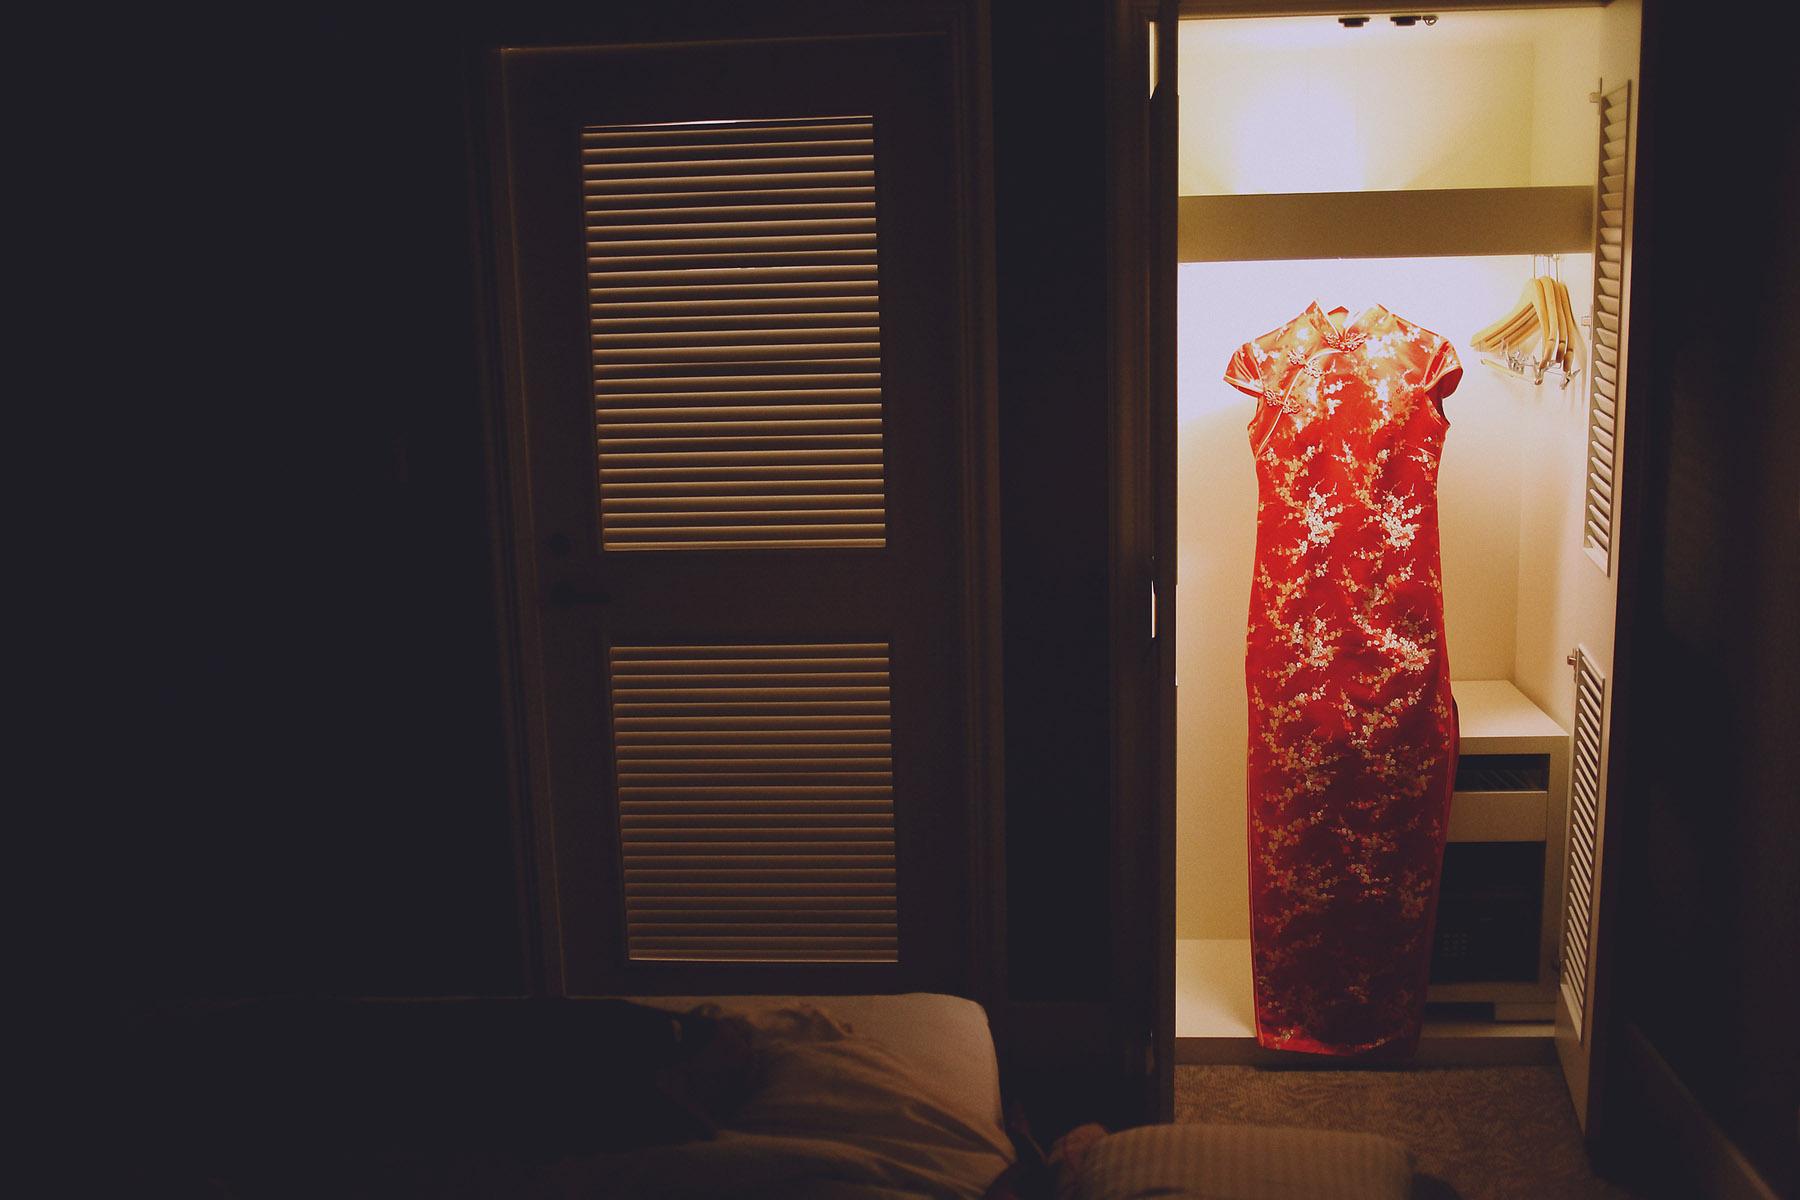 婚禮攝影,婚攝,推薦,台北,林口福容飯店,底片風格